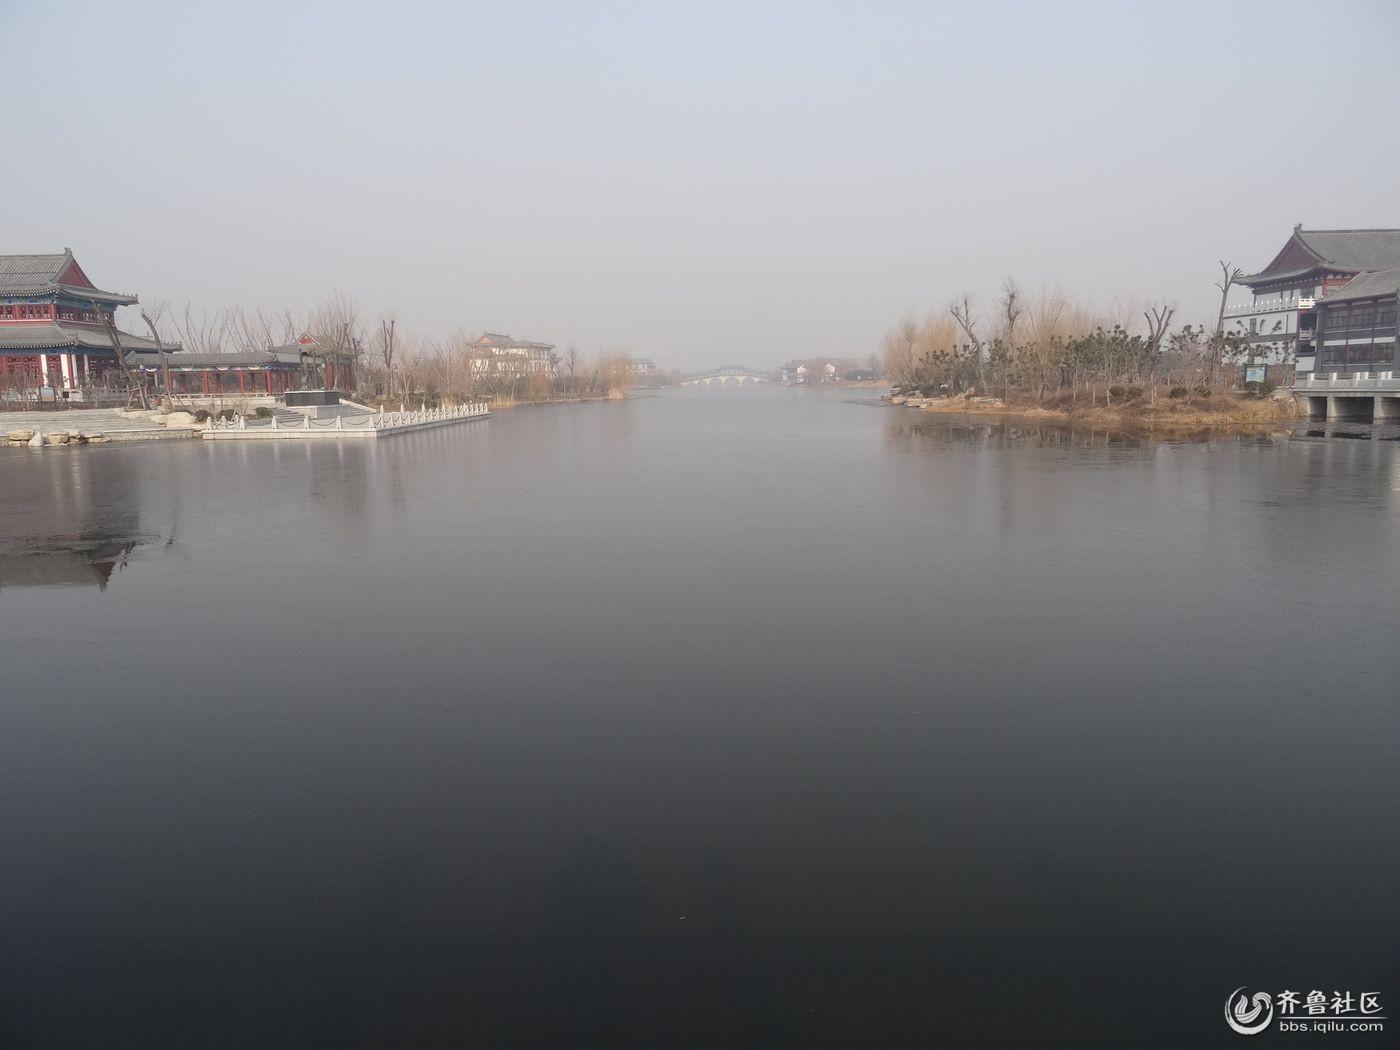 美丽如画的沂河公园_洛克王子_新浪博客